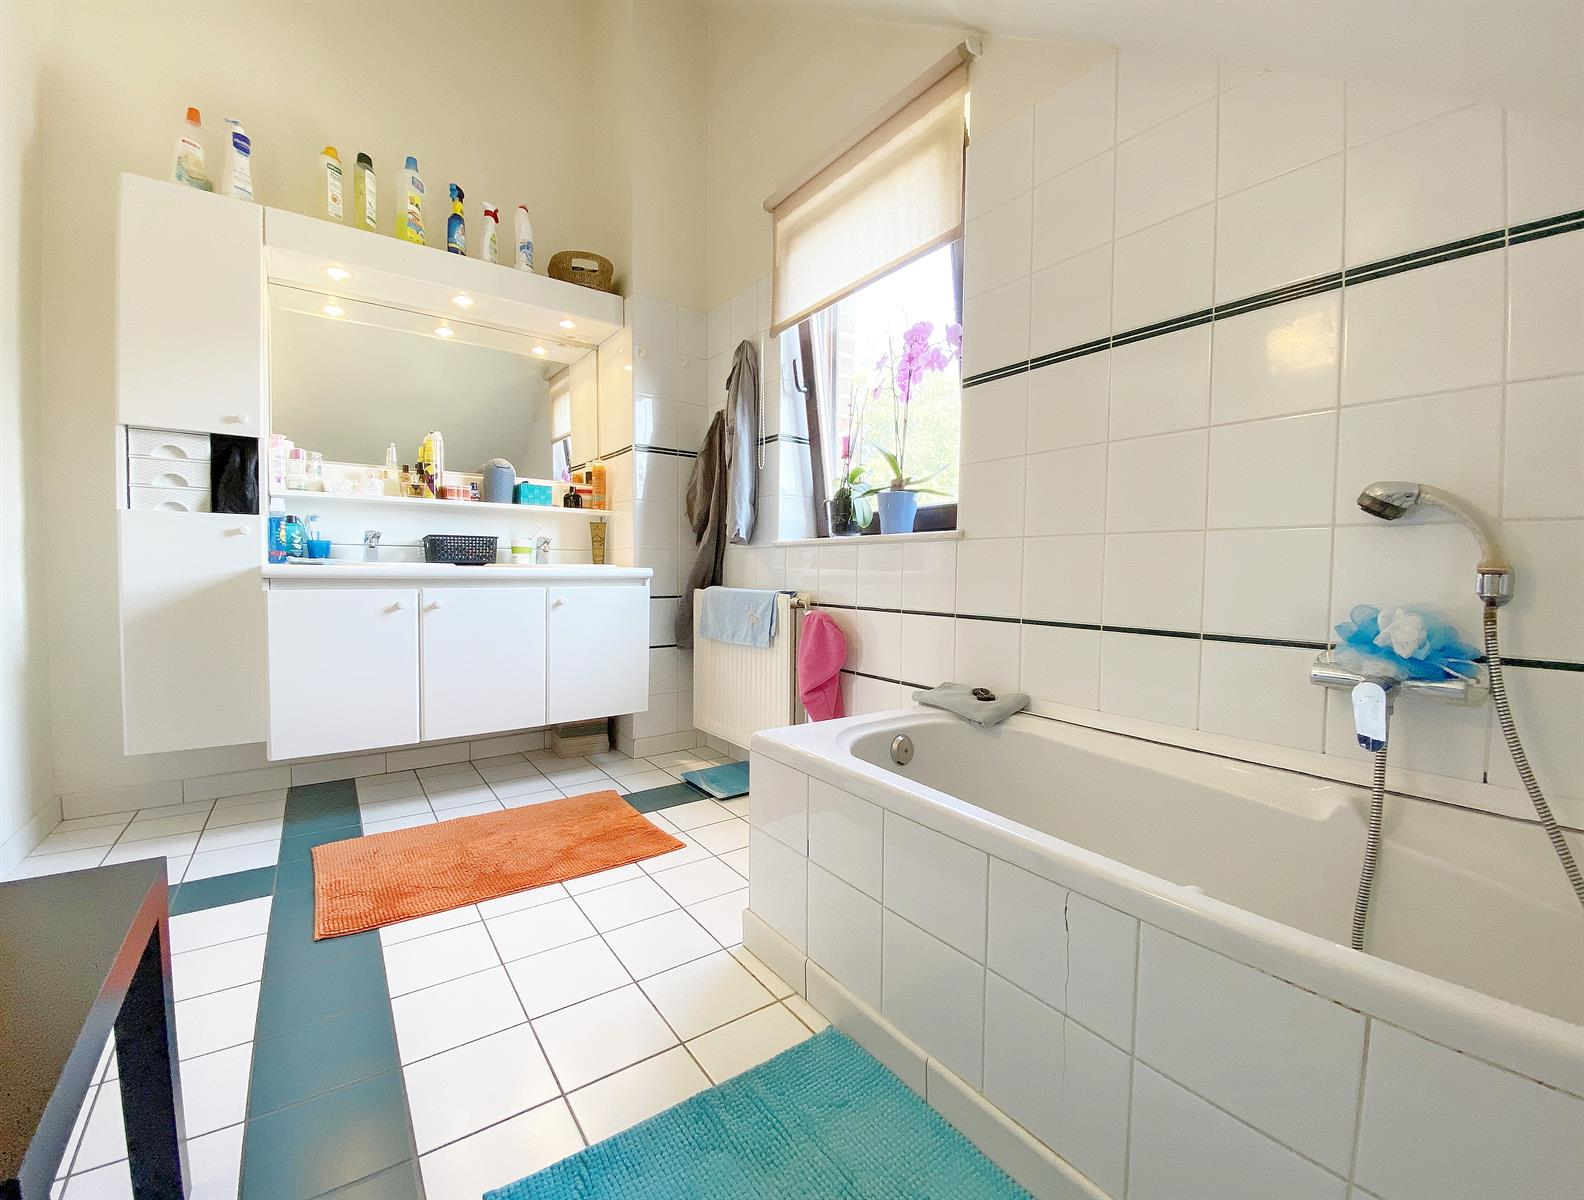 Maison - Aische-en-Refail - #4183531-15